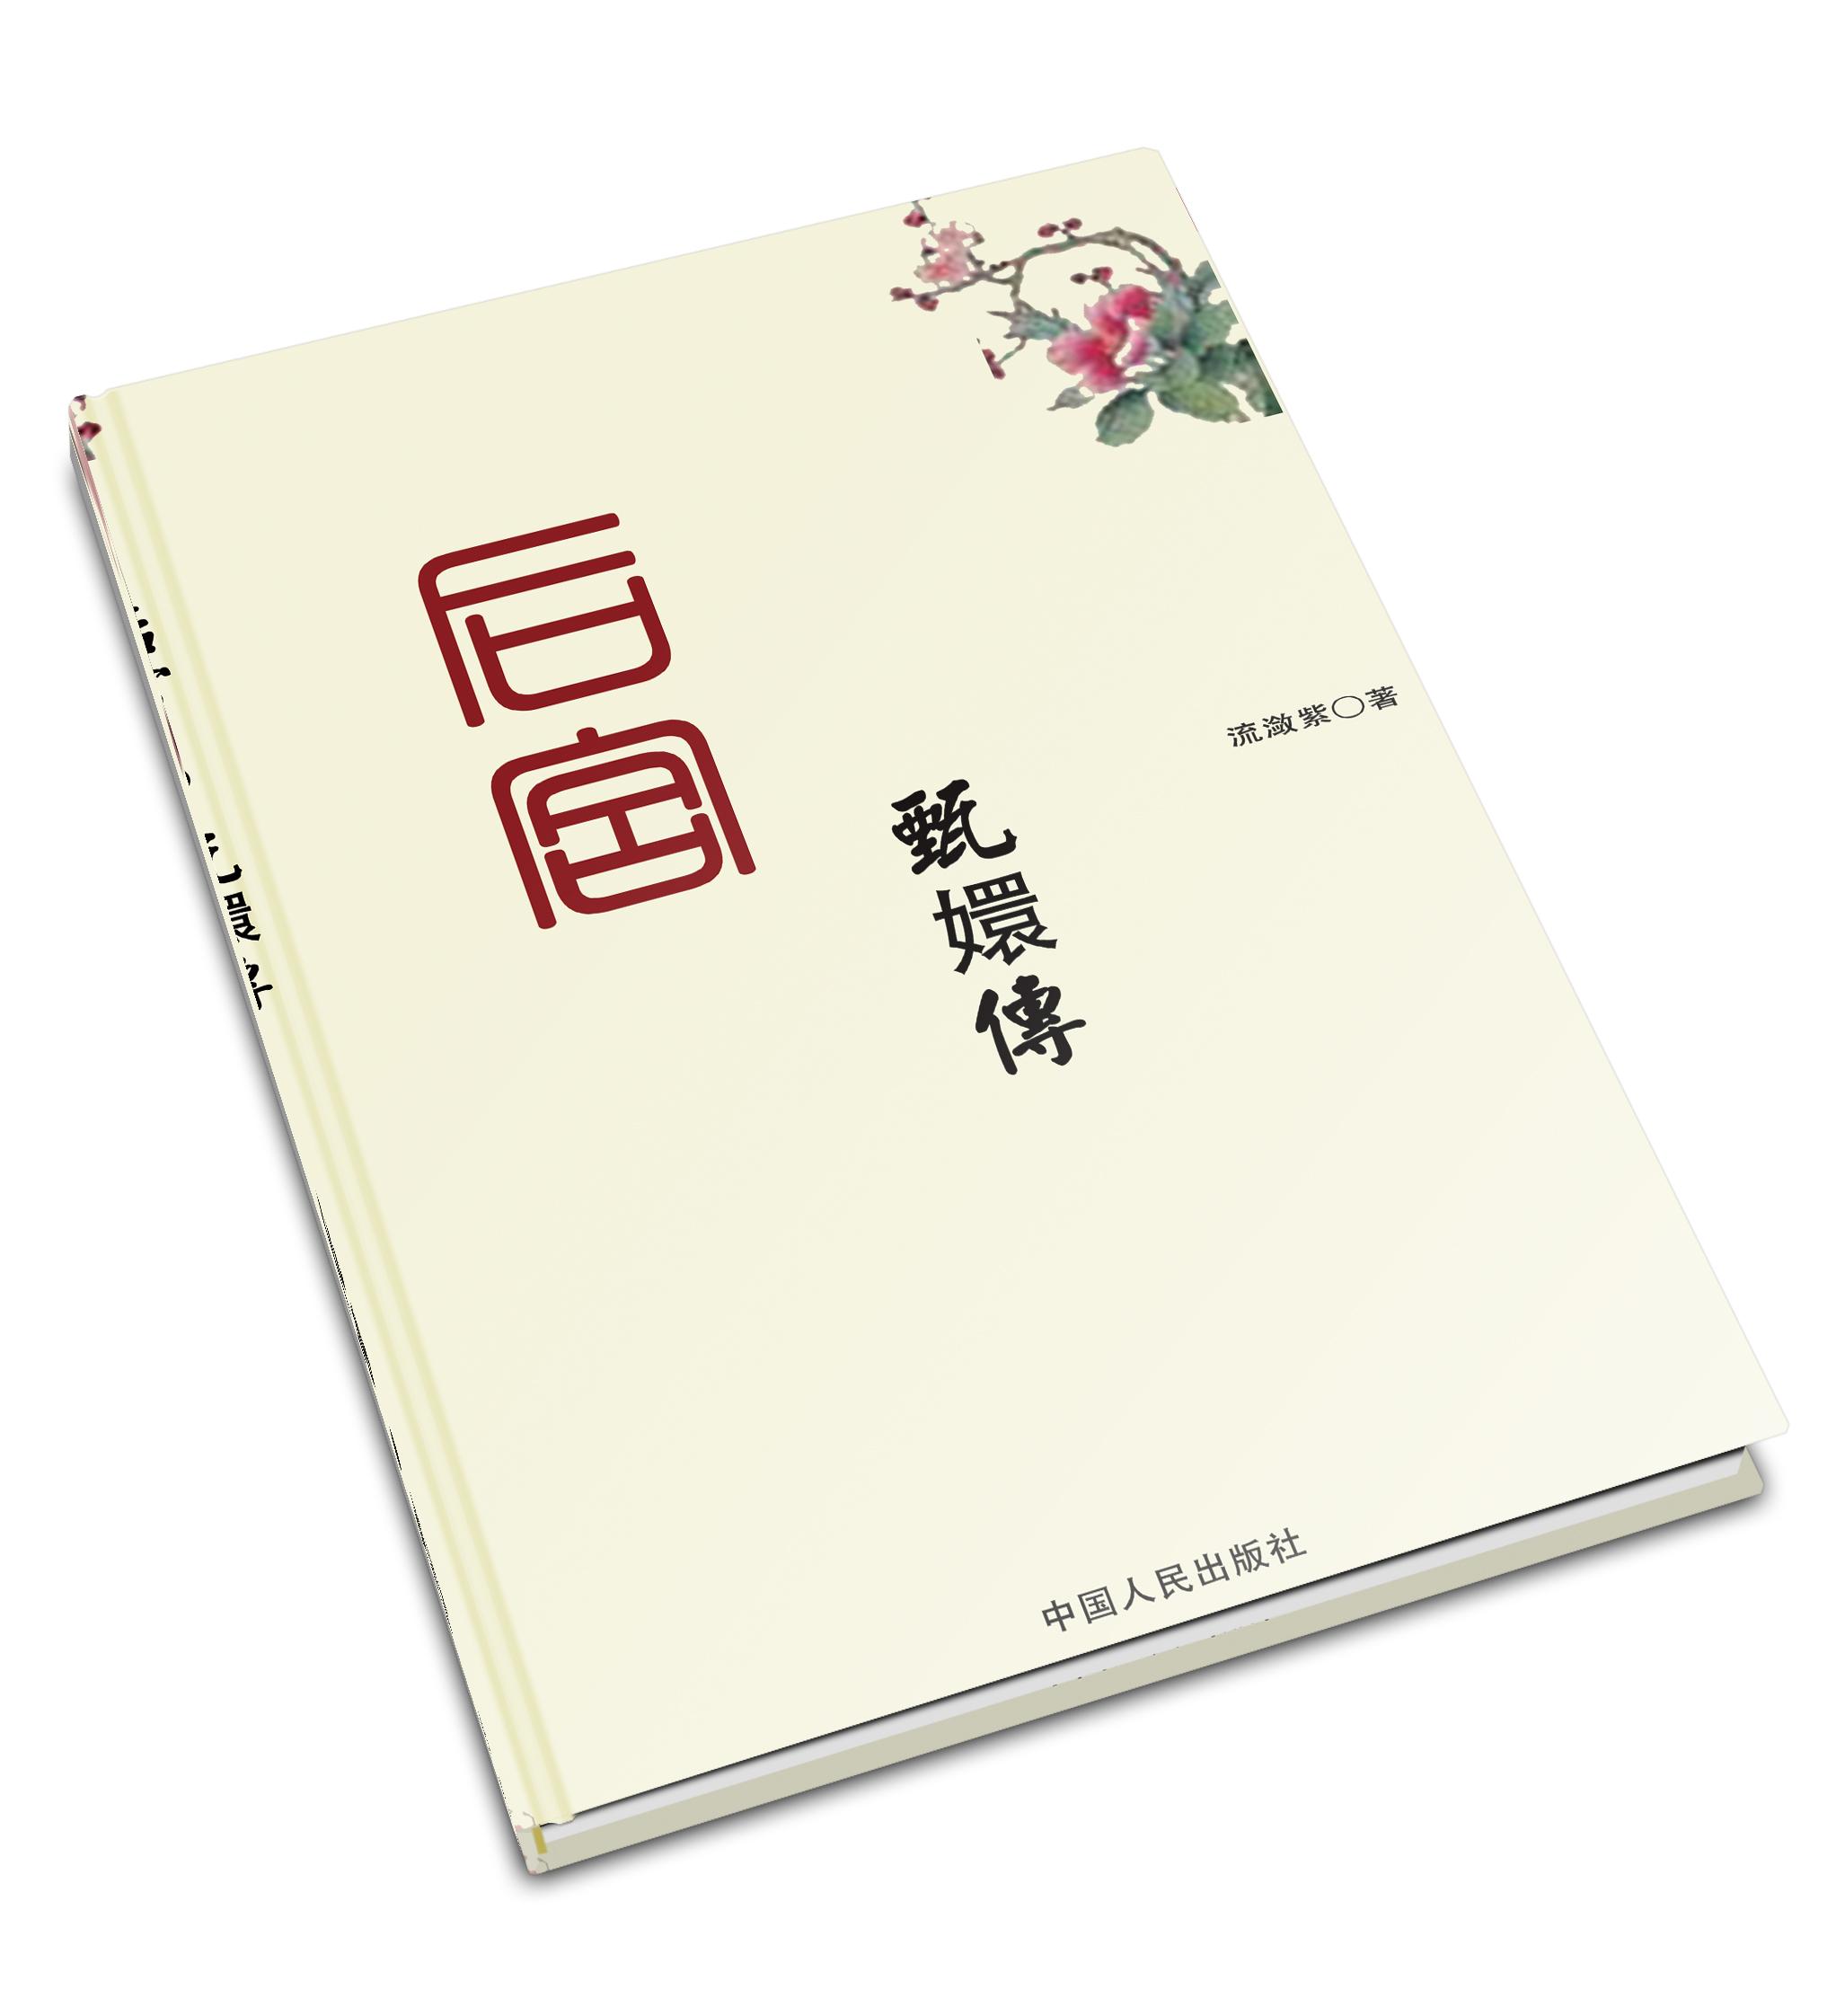 甄嬛传-书籍封面图片